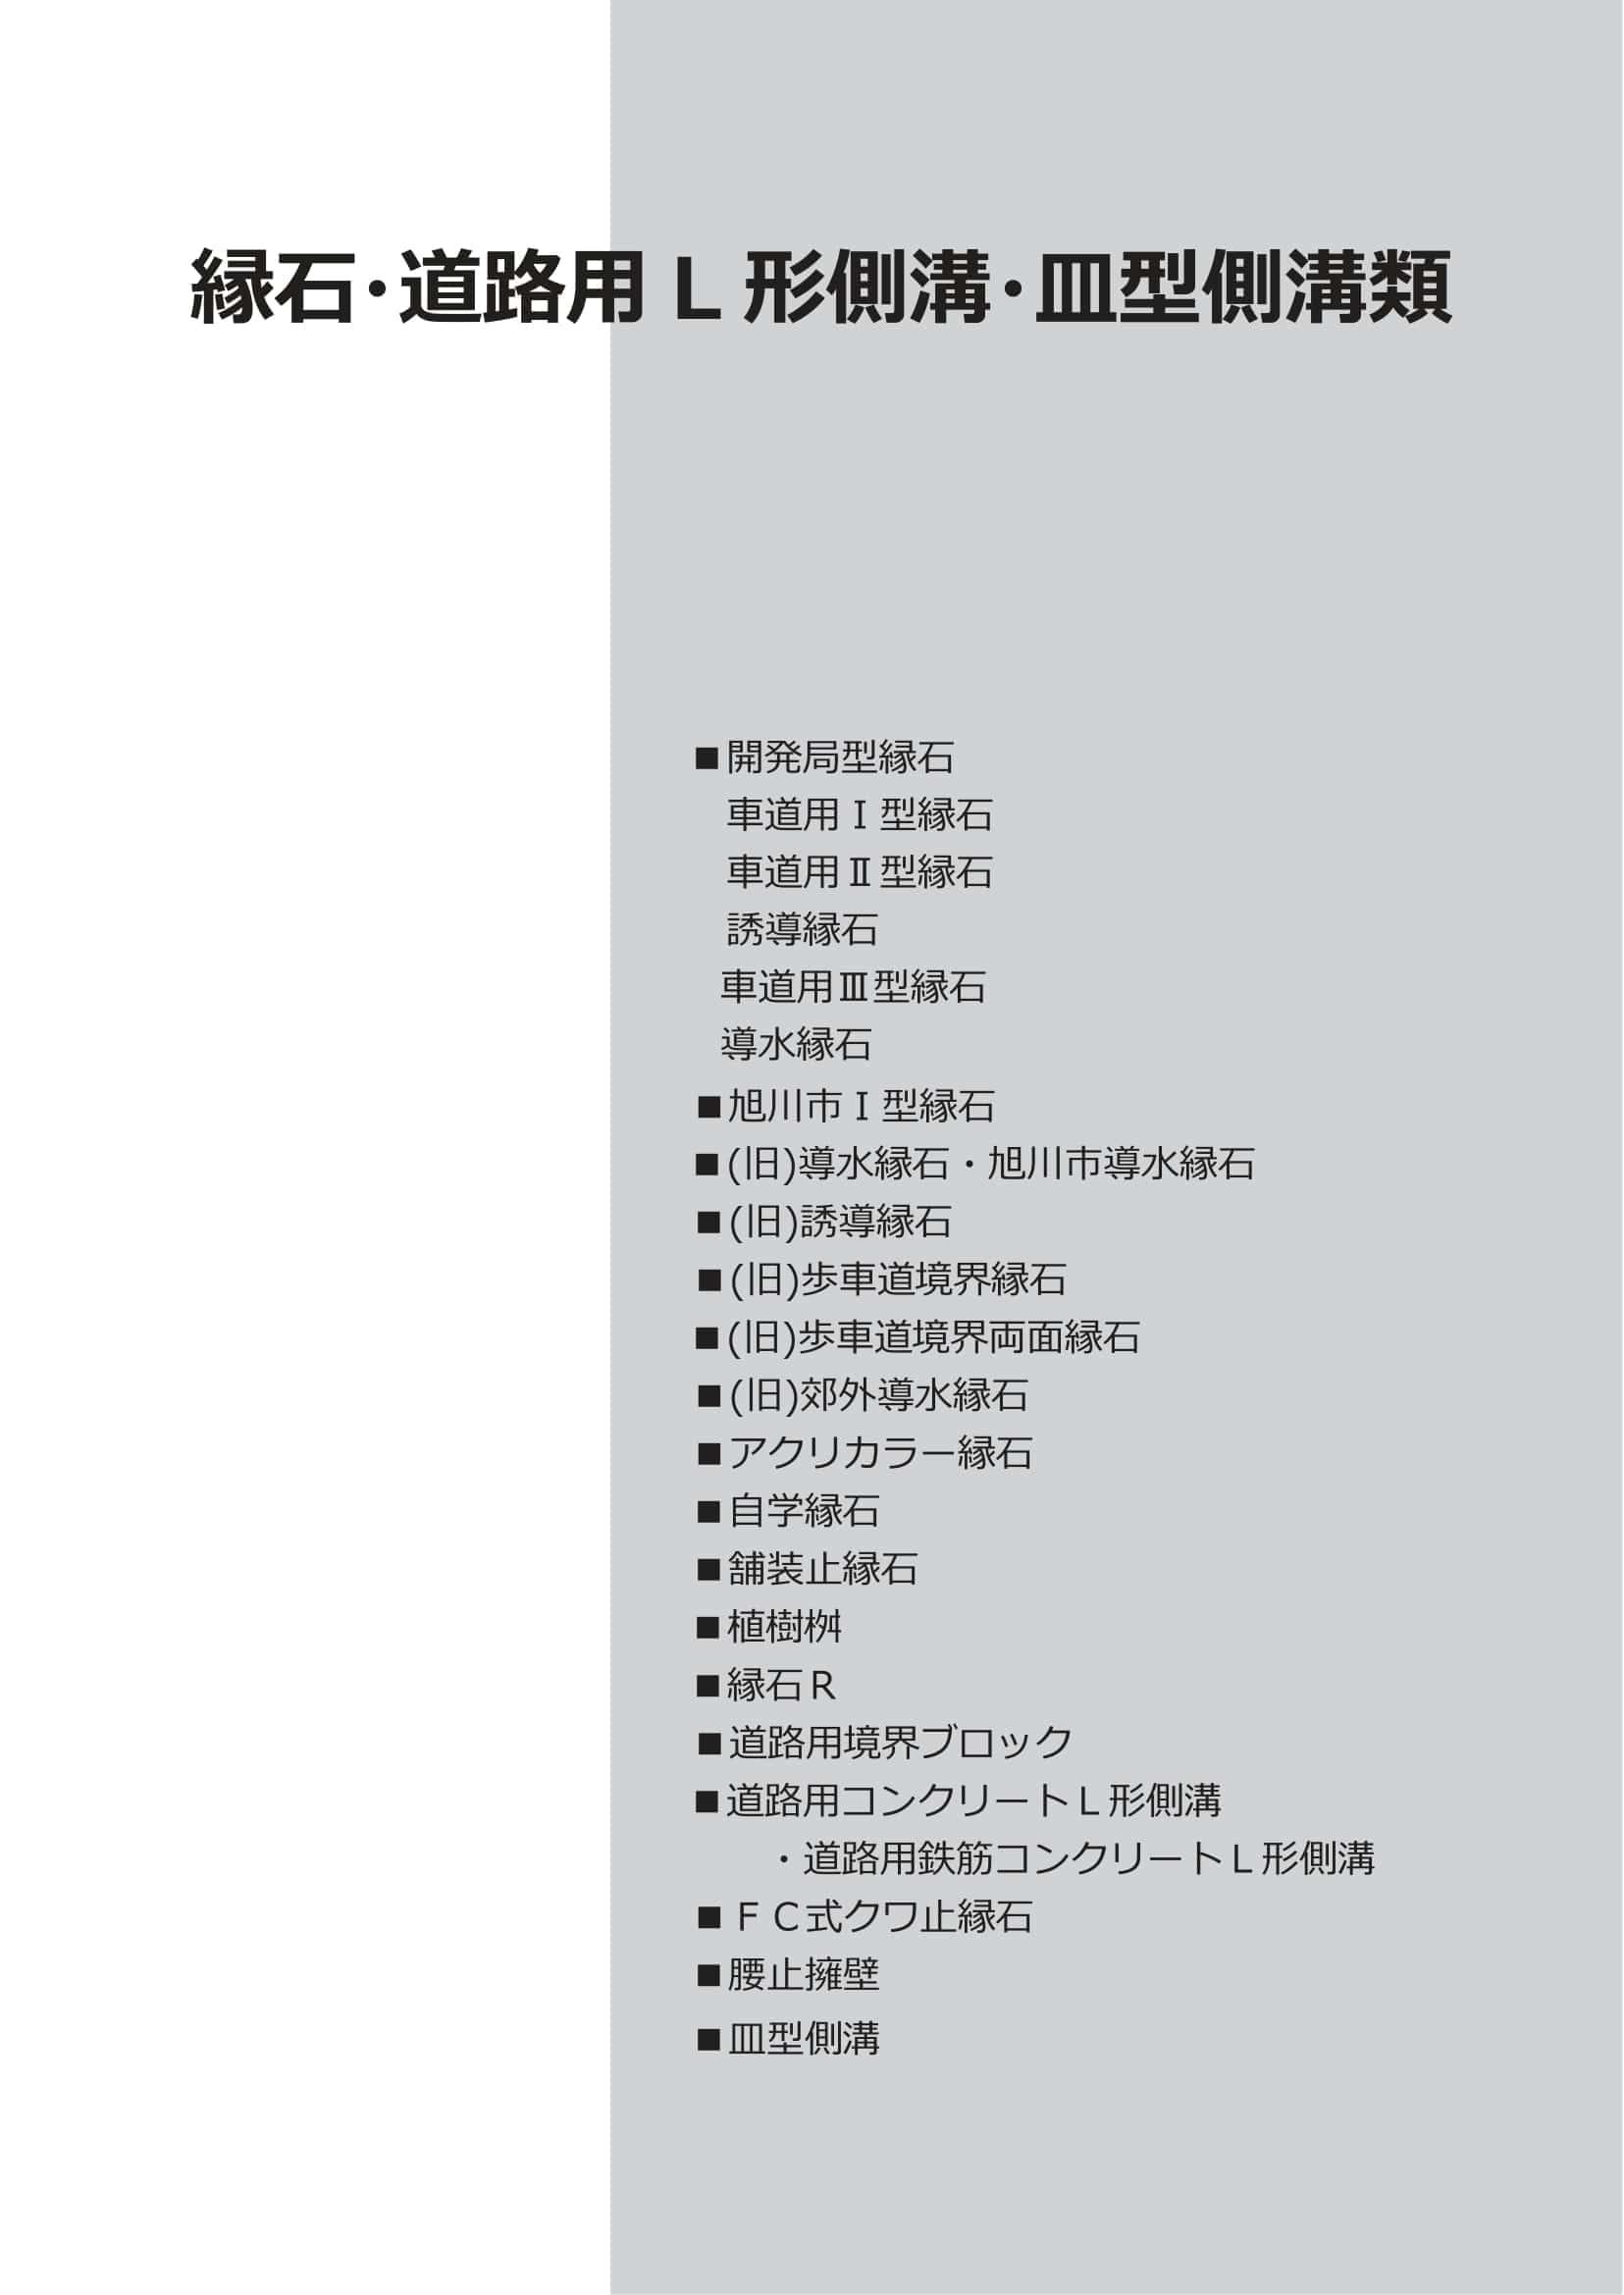 富士コンクリート/縁石・道路用L型側溝・皿型側溝類WEBカタログ